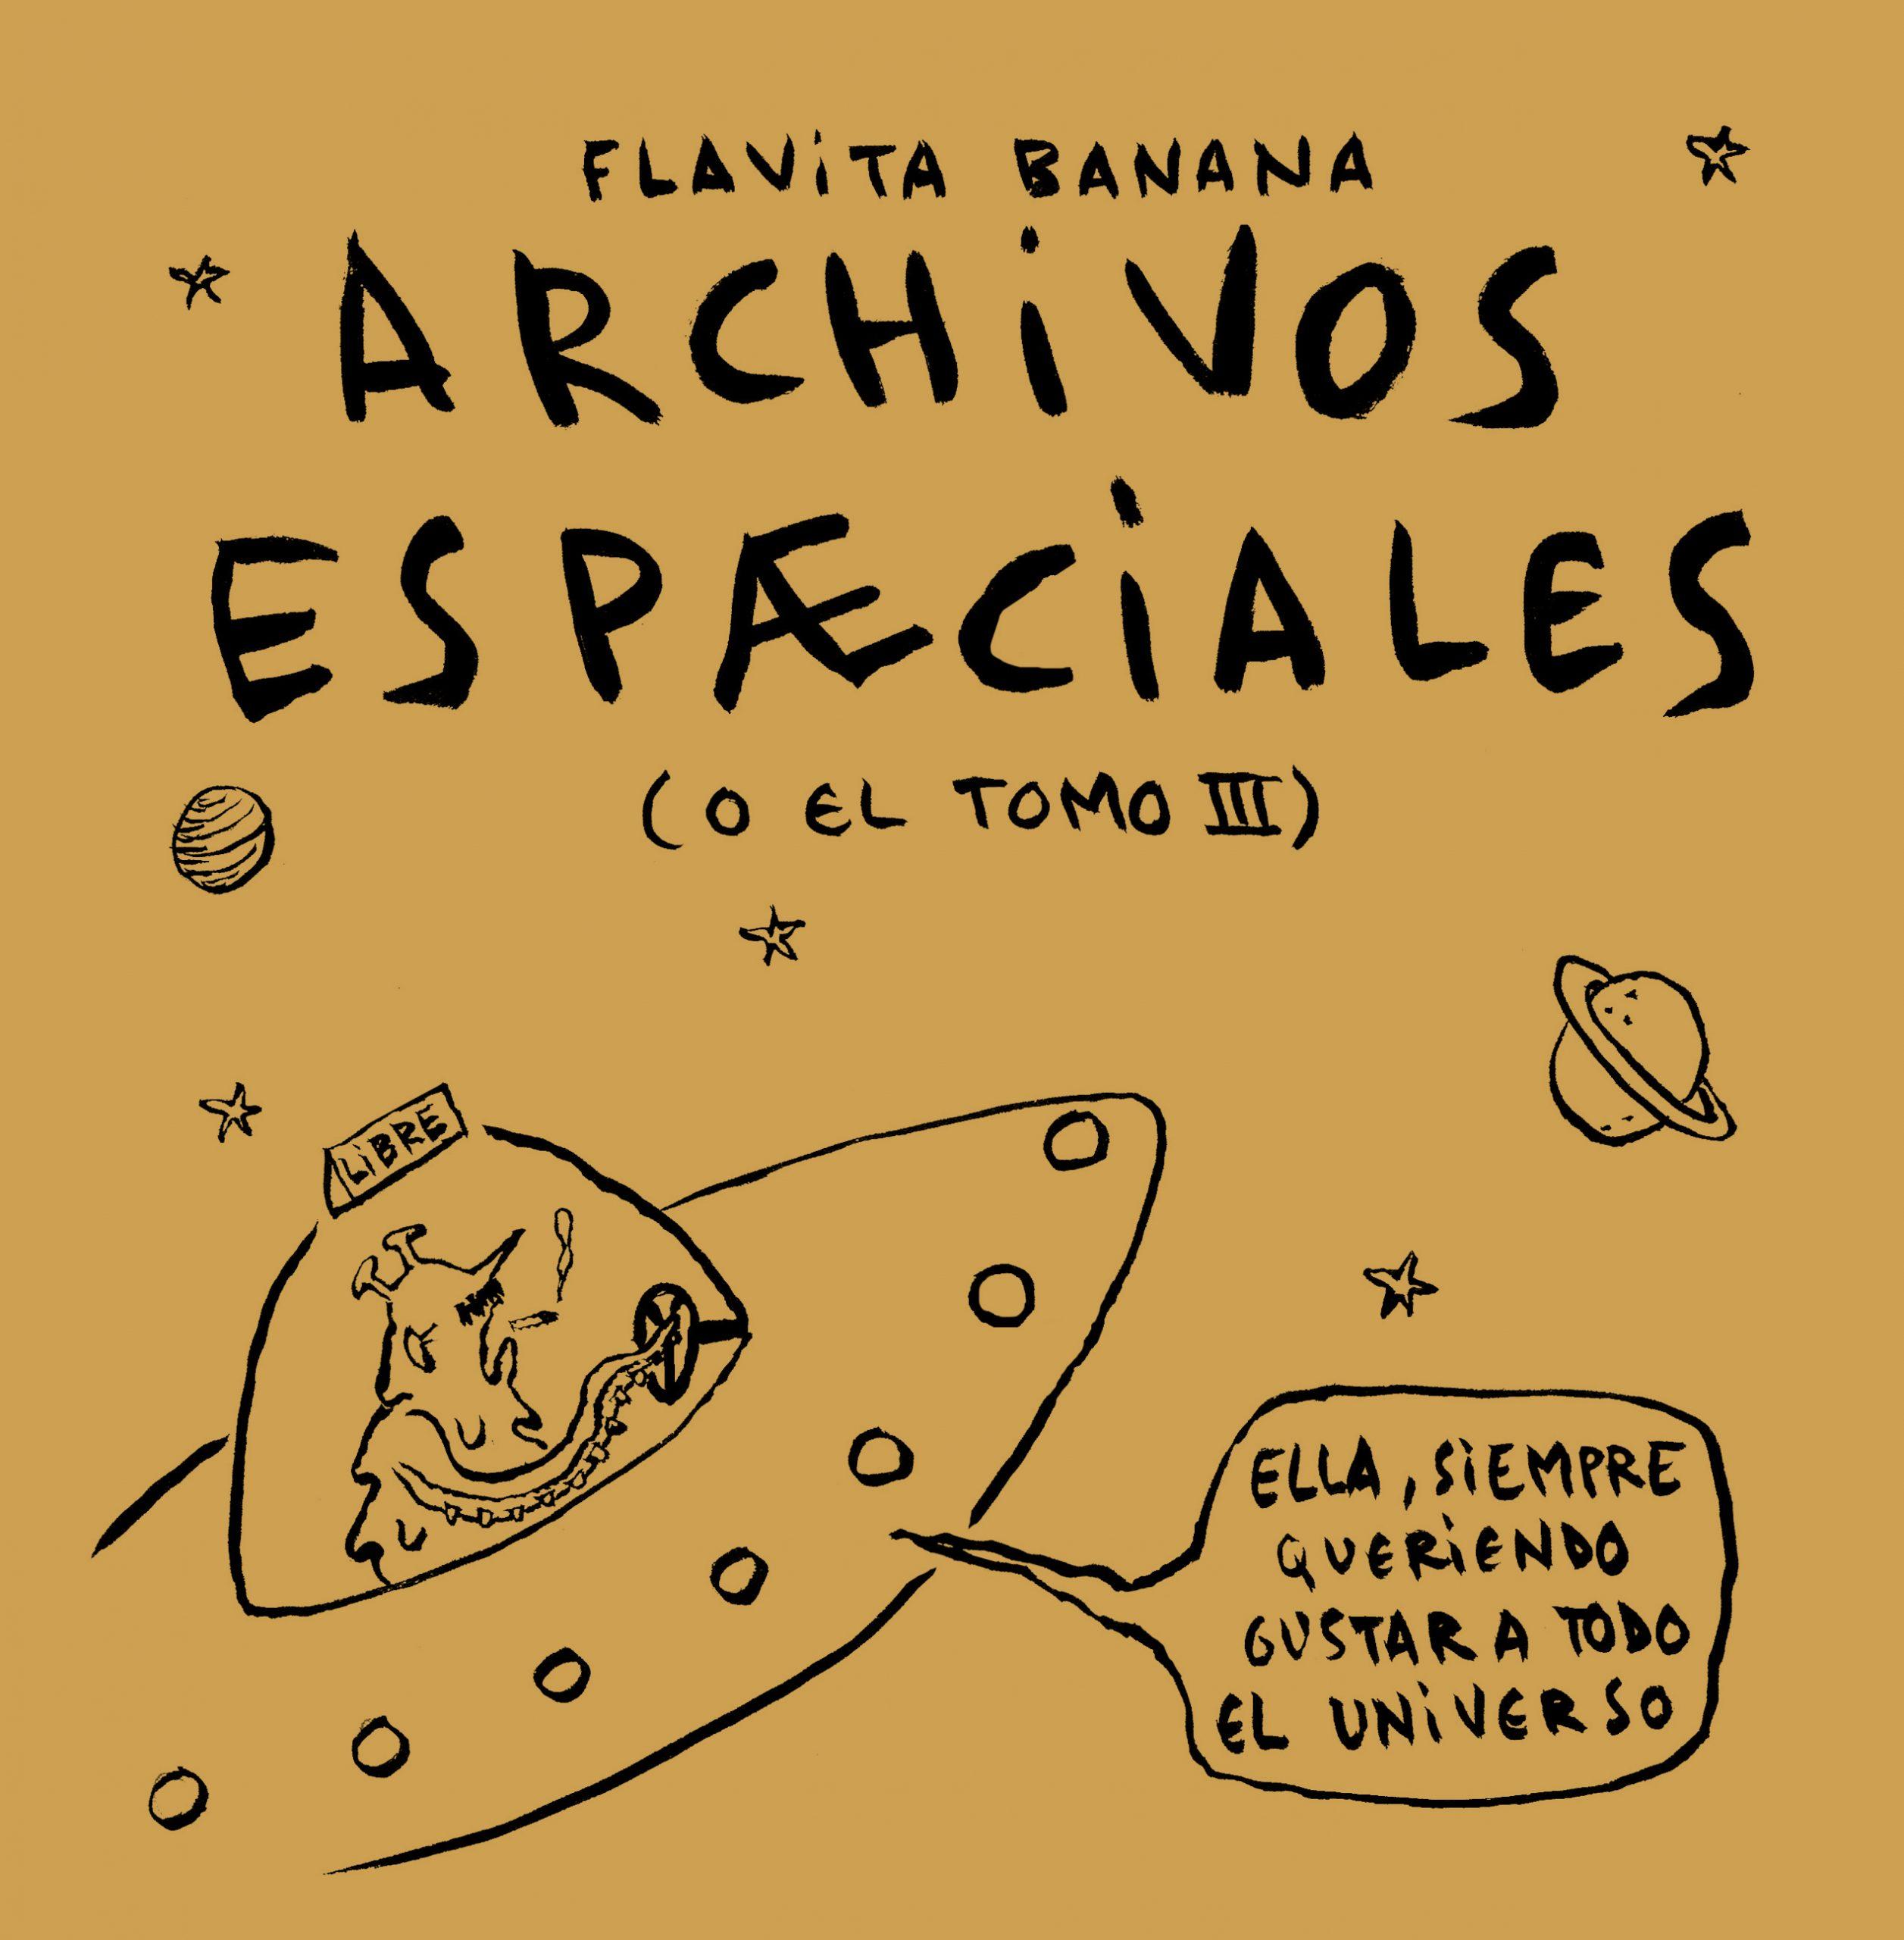 Archivos espæciales (Flavita BANANA) – MB Agencia Literaria